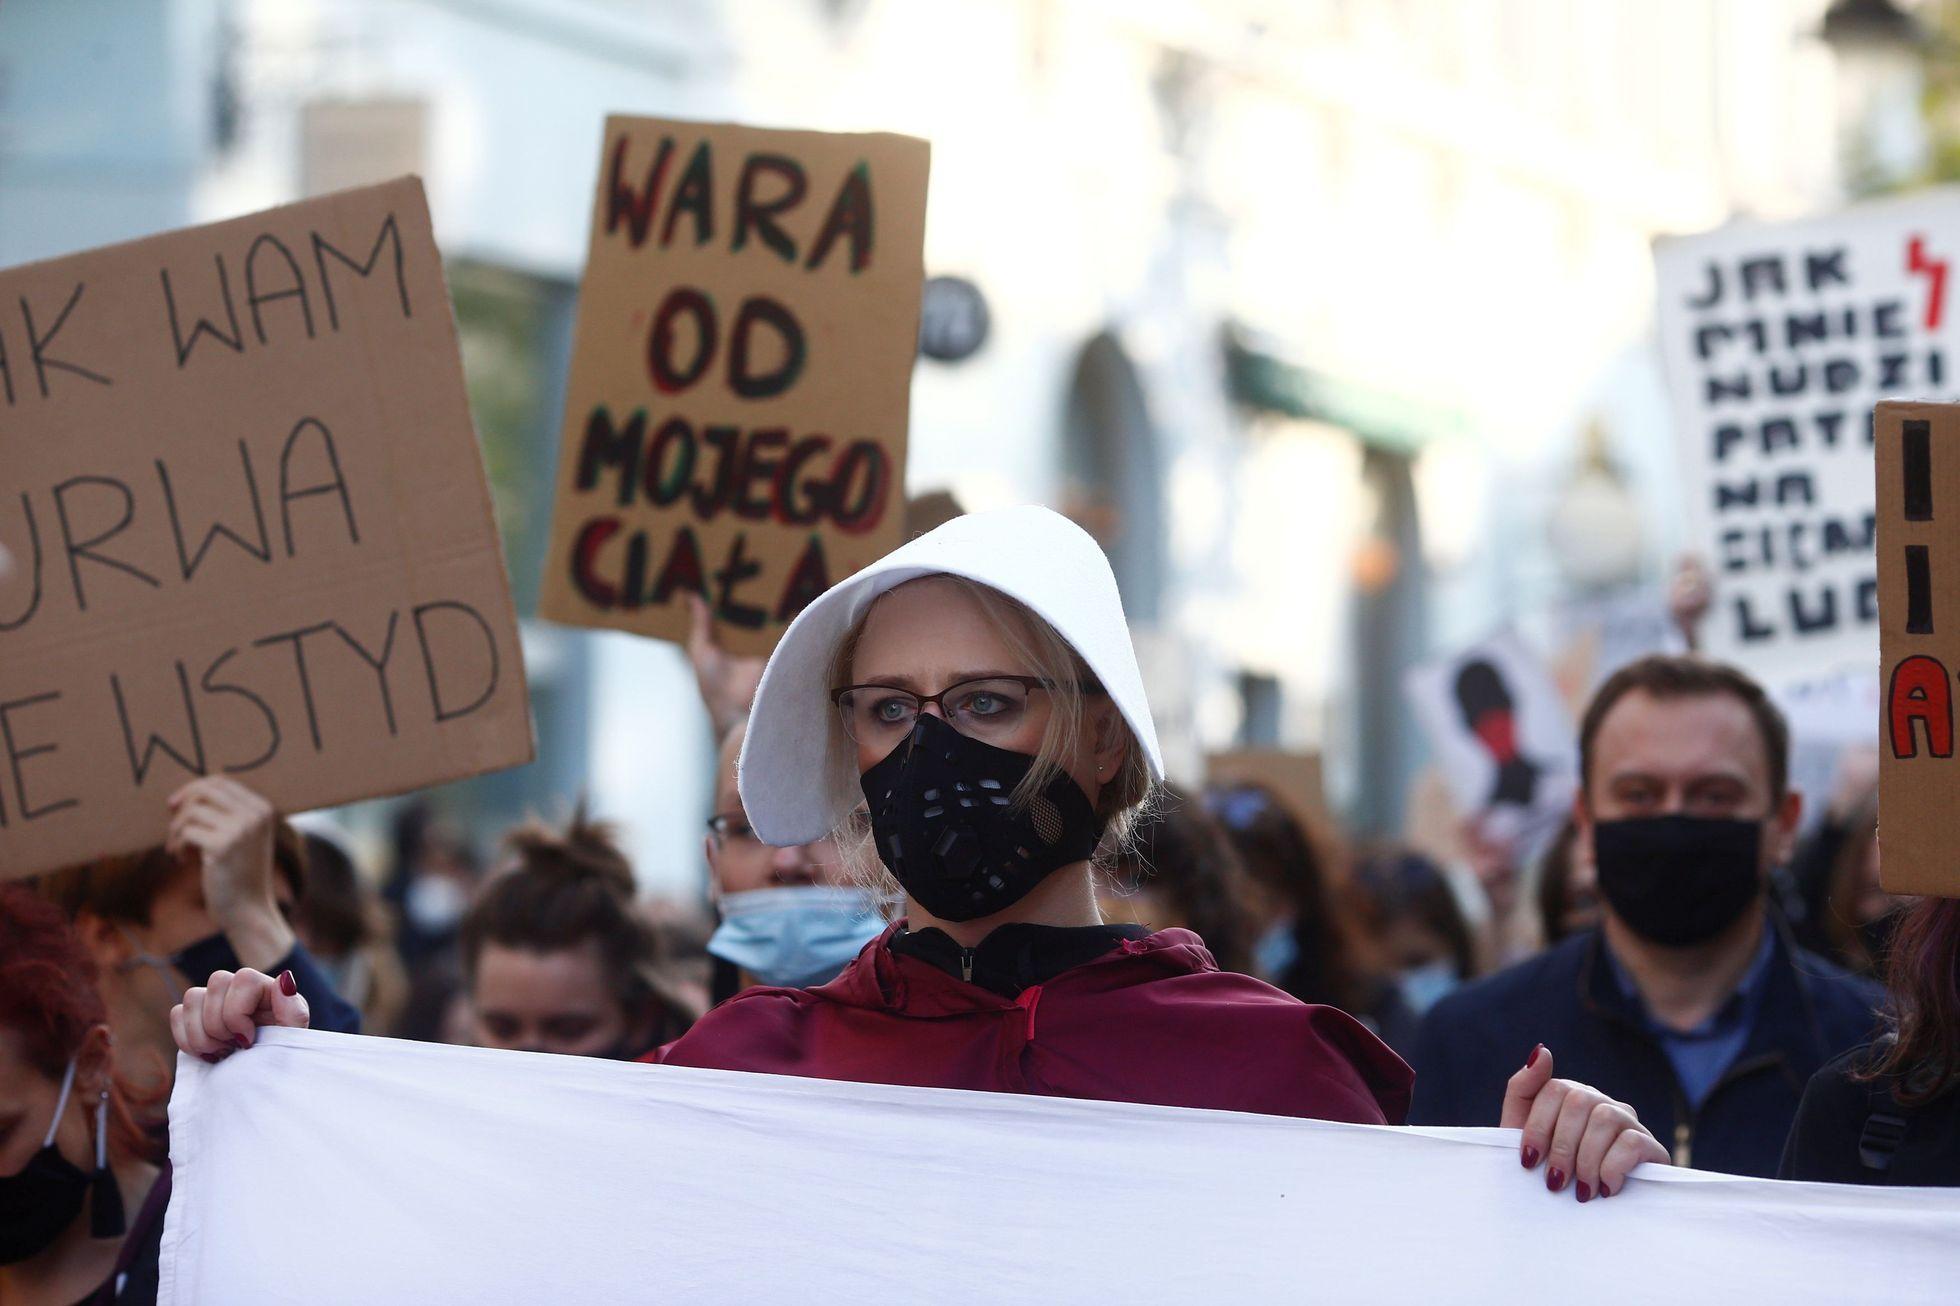 Polsko bouří kvůli potratům. Protestují i naštvaní katolíci, říká novinář